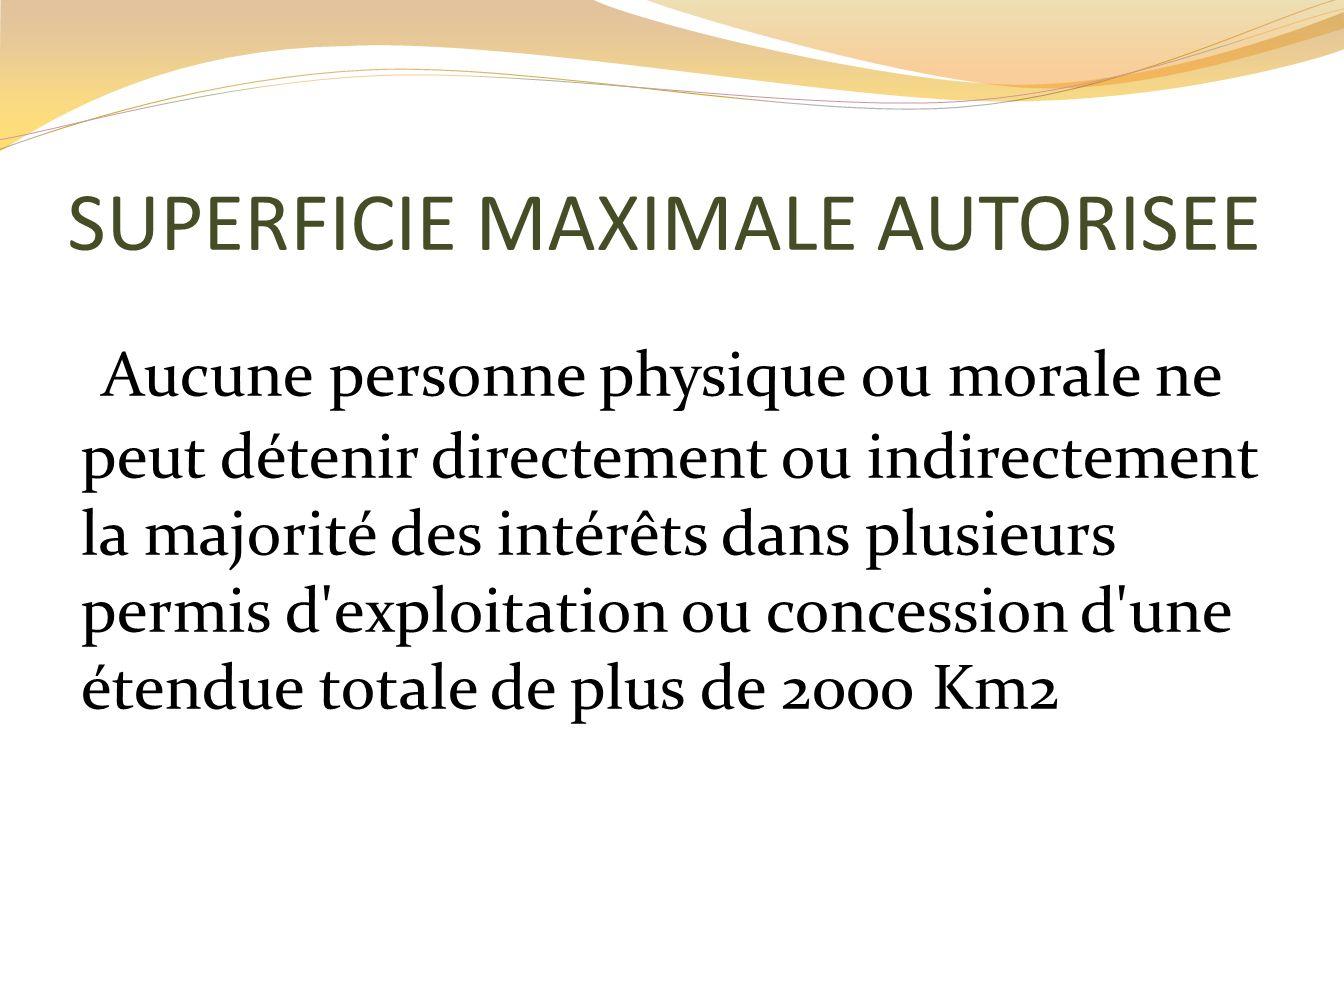 SUPERFICIE MAXIMALE AUTORISEE Aucune personne physique ou morale ne peut détenir directement ou indirectement la majorité des intérêts dans plusieurs